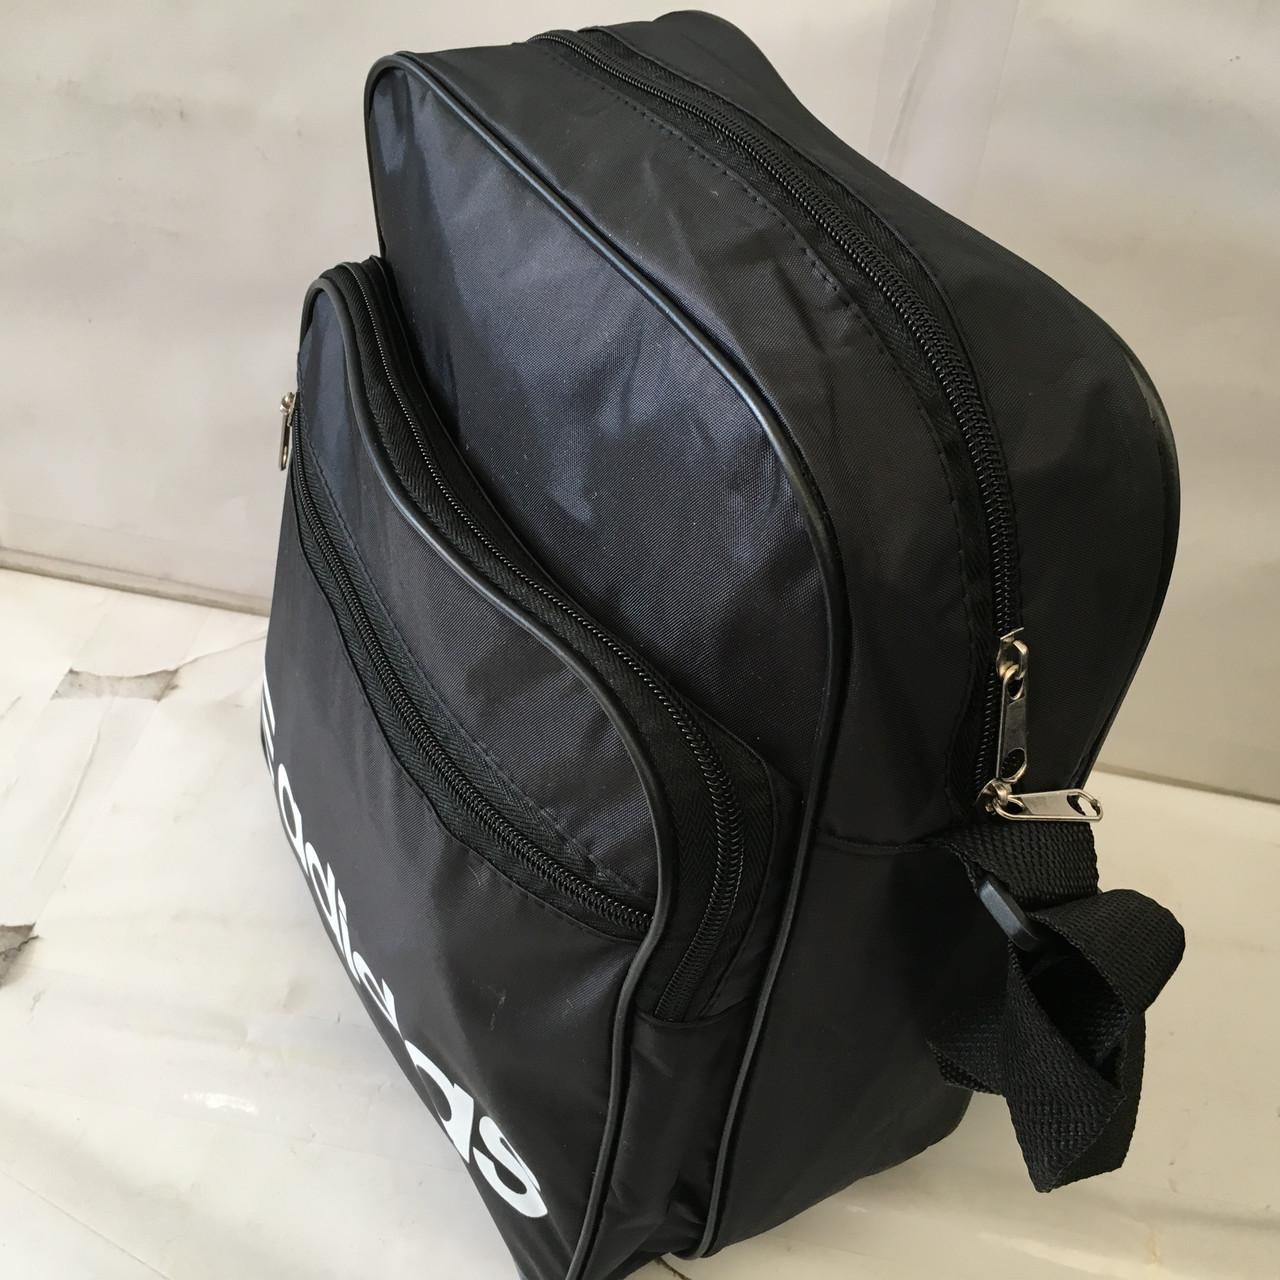 d9b1a70d71b3 Сумка для ноутбука Adidas (Адидас), планшета, кошелек, ассортимент (прямые  продажи ...